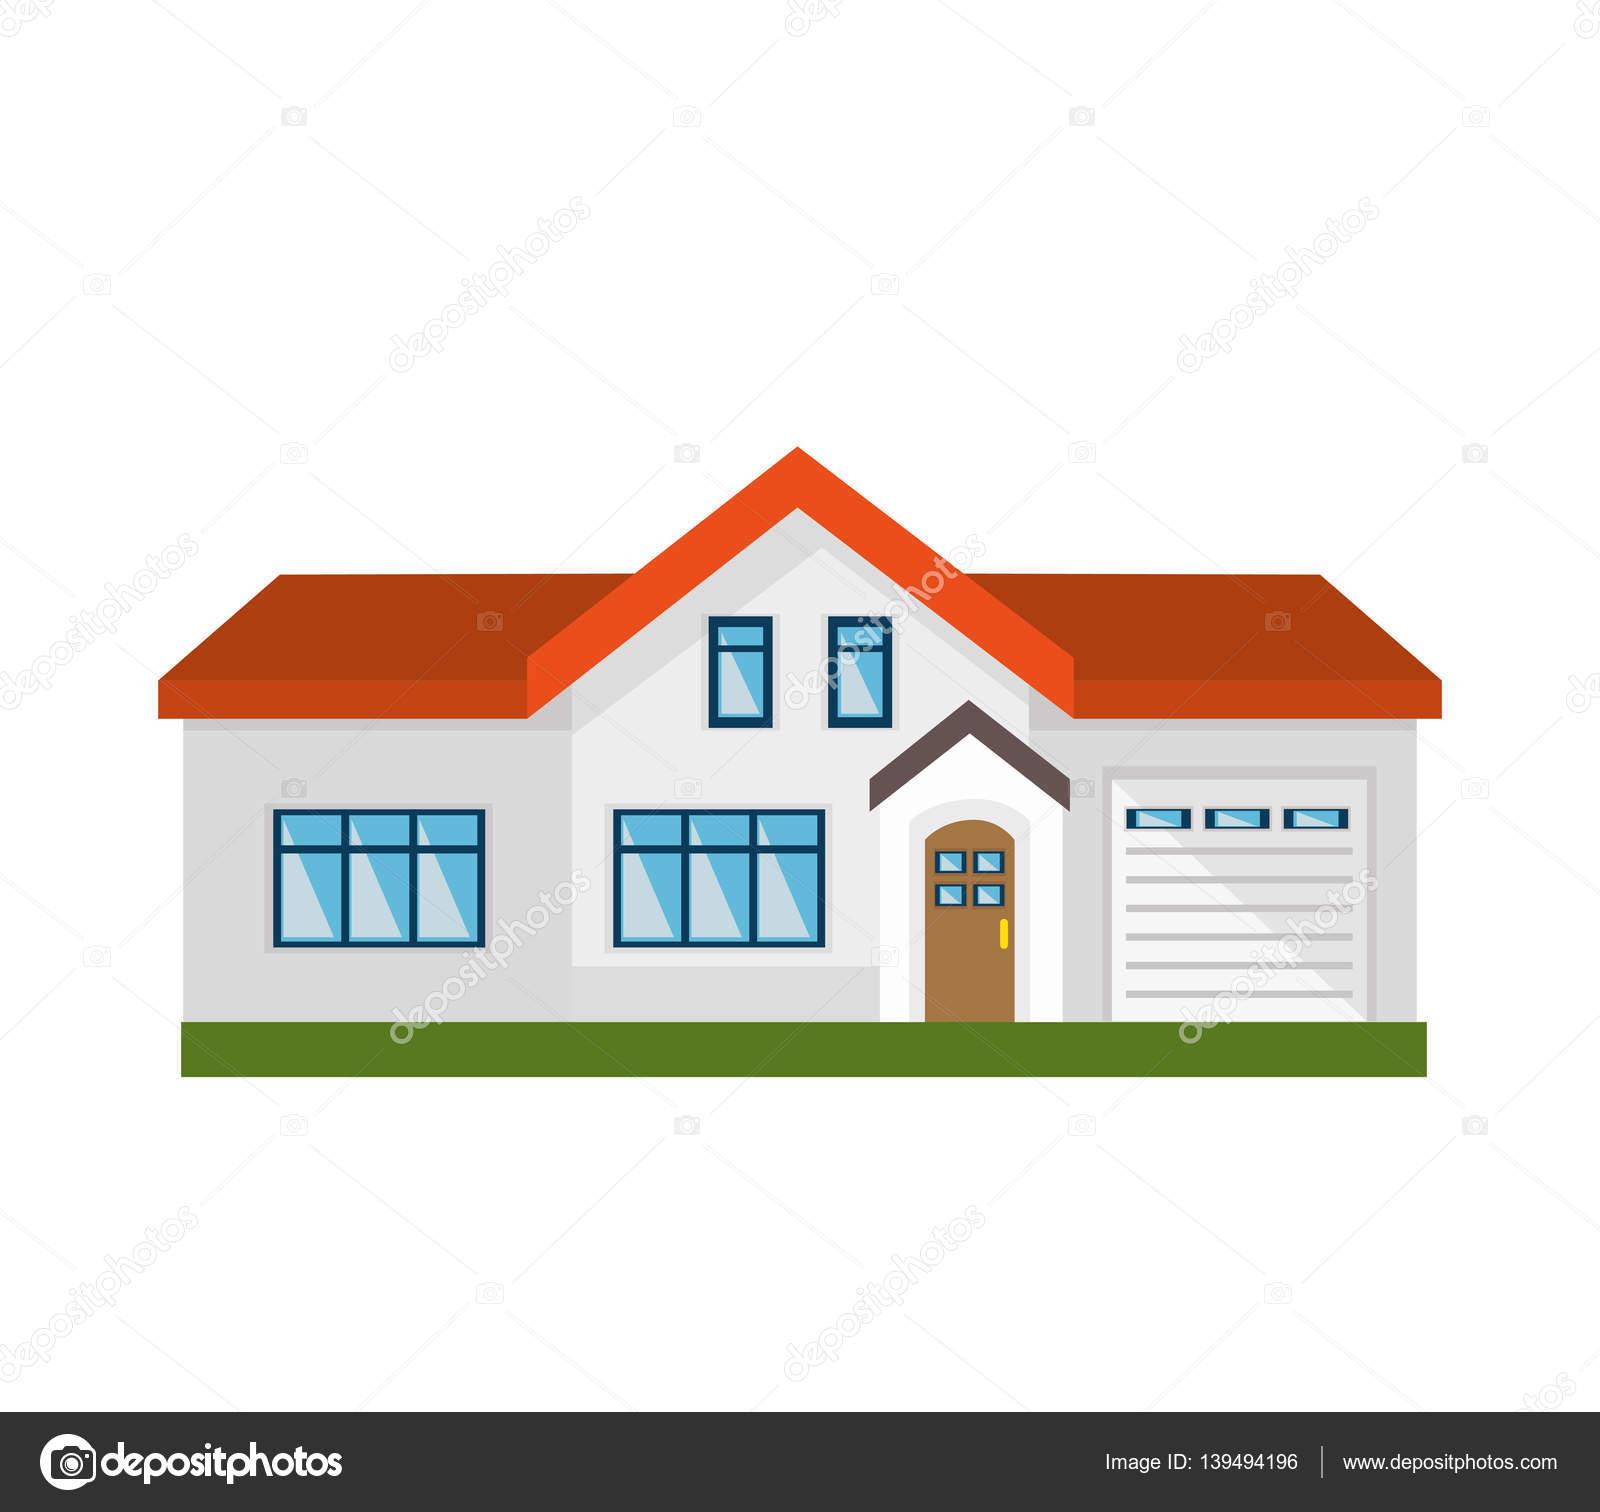 かわいい家の外装絶縁アイコン ストックベクター Yupiramos 139494196